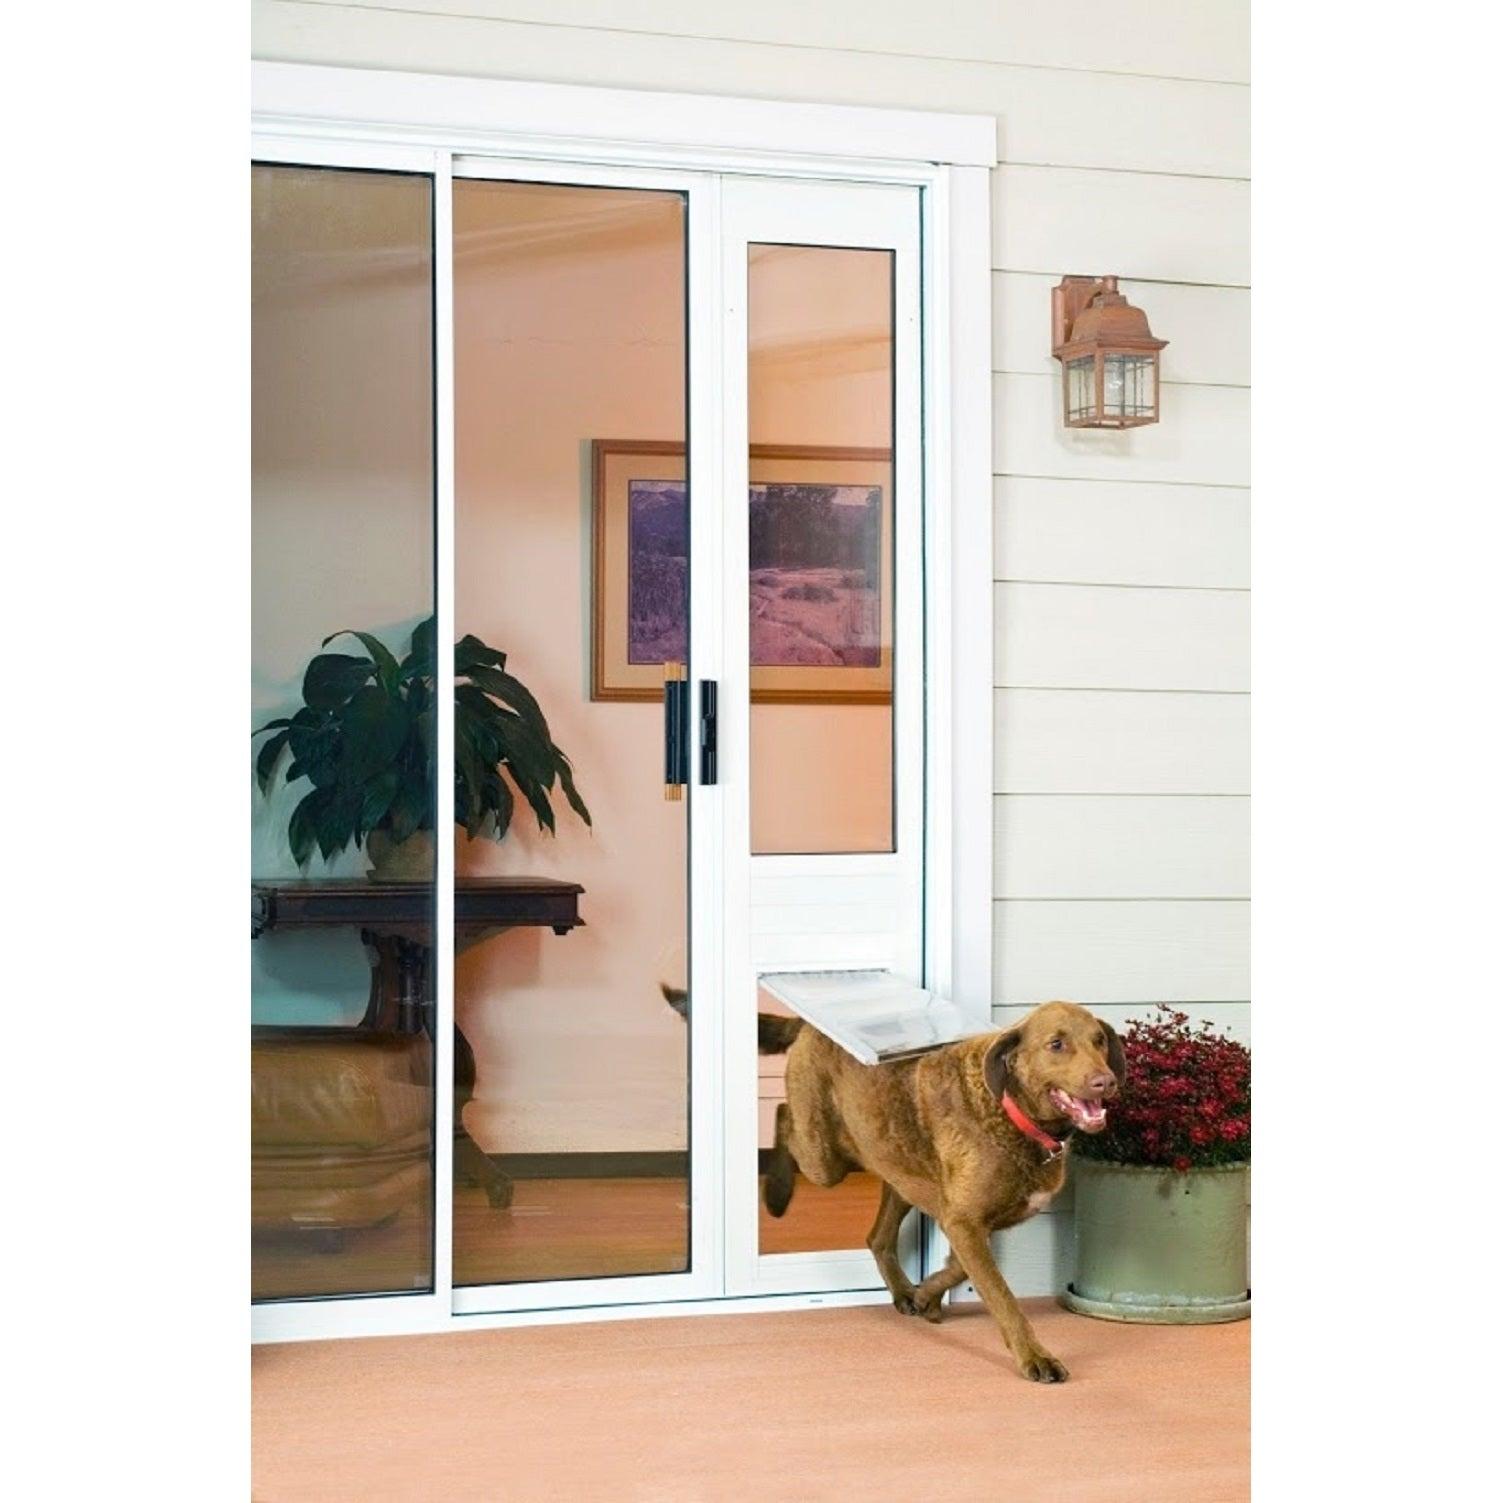 Endura Flapthermo Panel Large Flap Pet Door For Sliding Glass Doors Dark Bronze Frame As In 2020 Sliding Glass Door Sliding Glass Dog Door Pet Door Sliding Glass Door